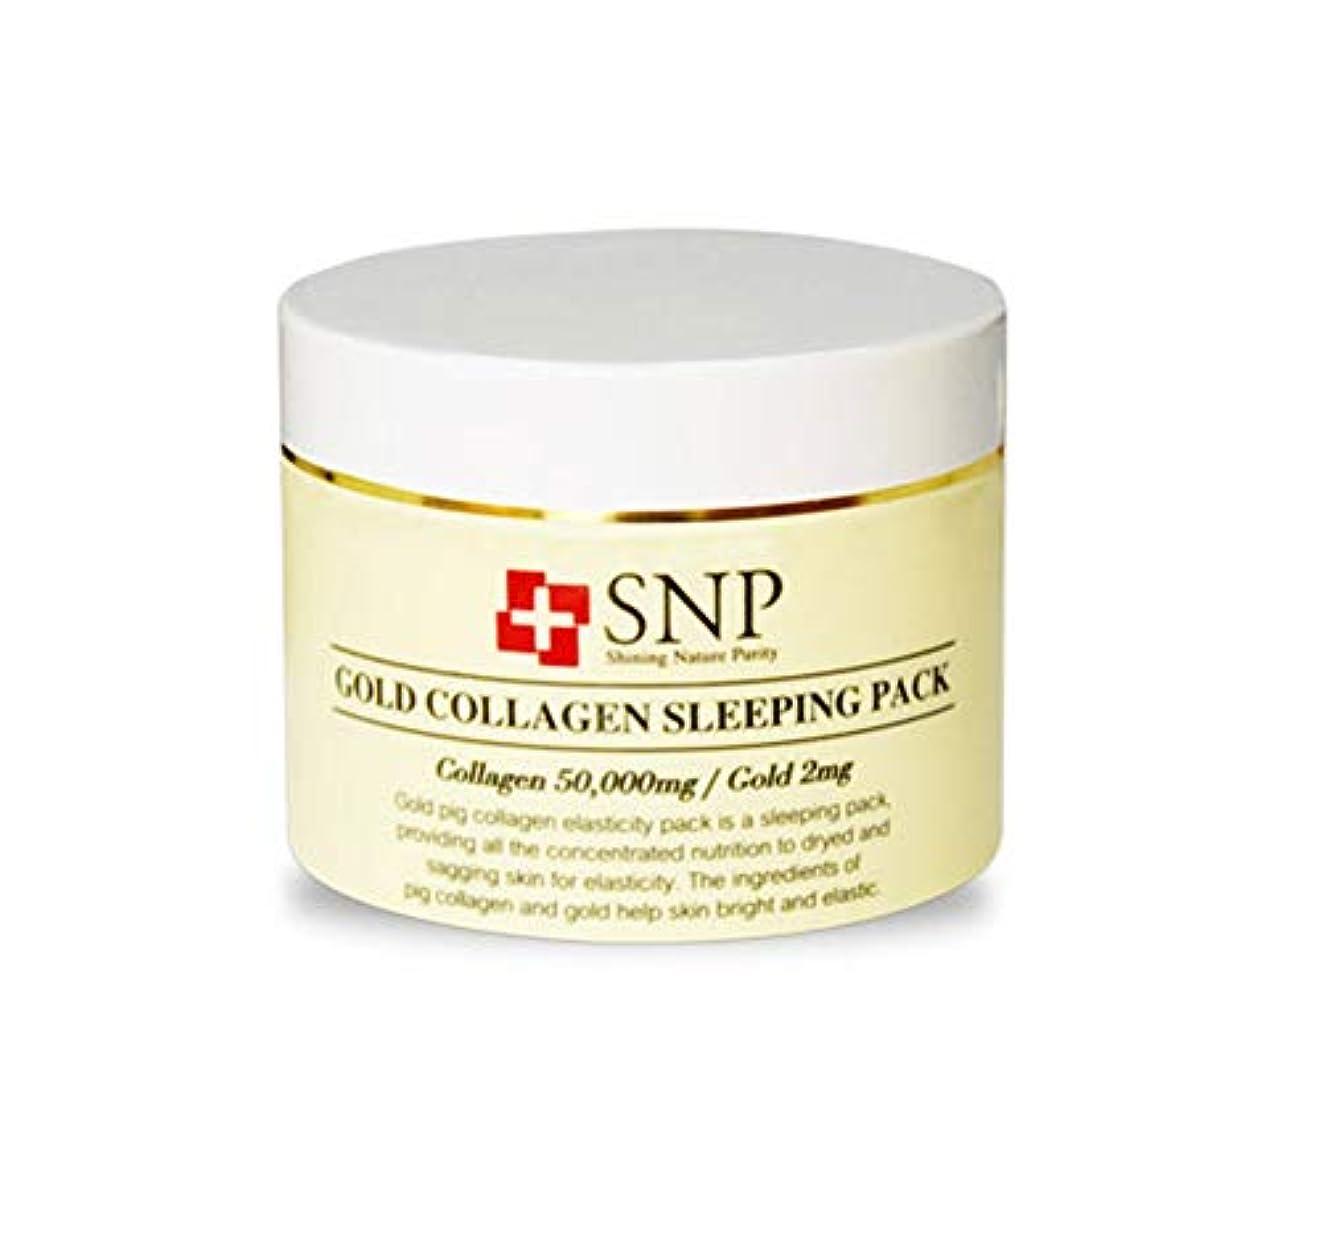 アンデス山脈説明ブローエスエンピSNP 韓国コスメ ゴールドコラーゲンスリーピングパック睡眠パック100g 海外直送品 SNP Gold Collagen Sleeping Pack Night Cream [並行輸入品]